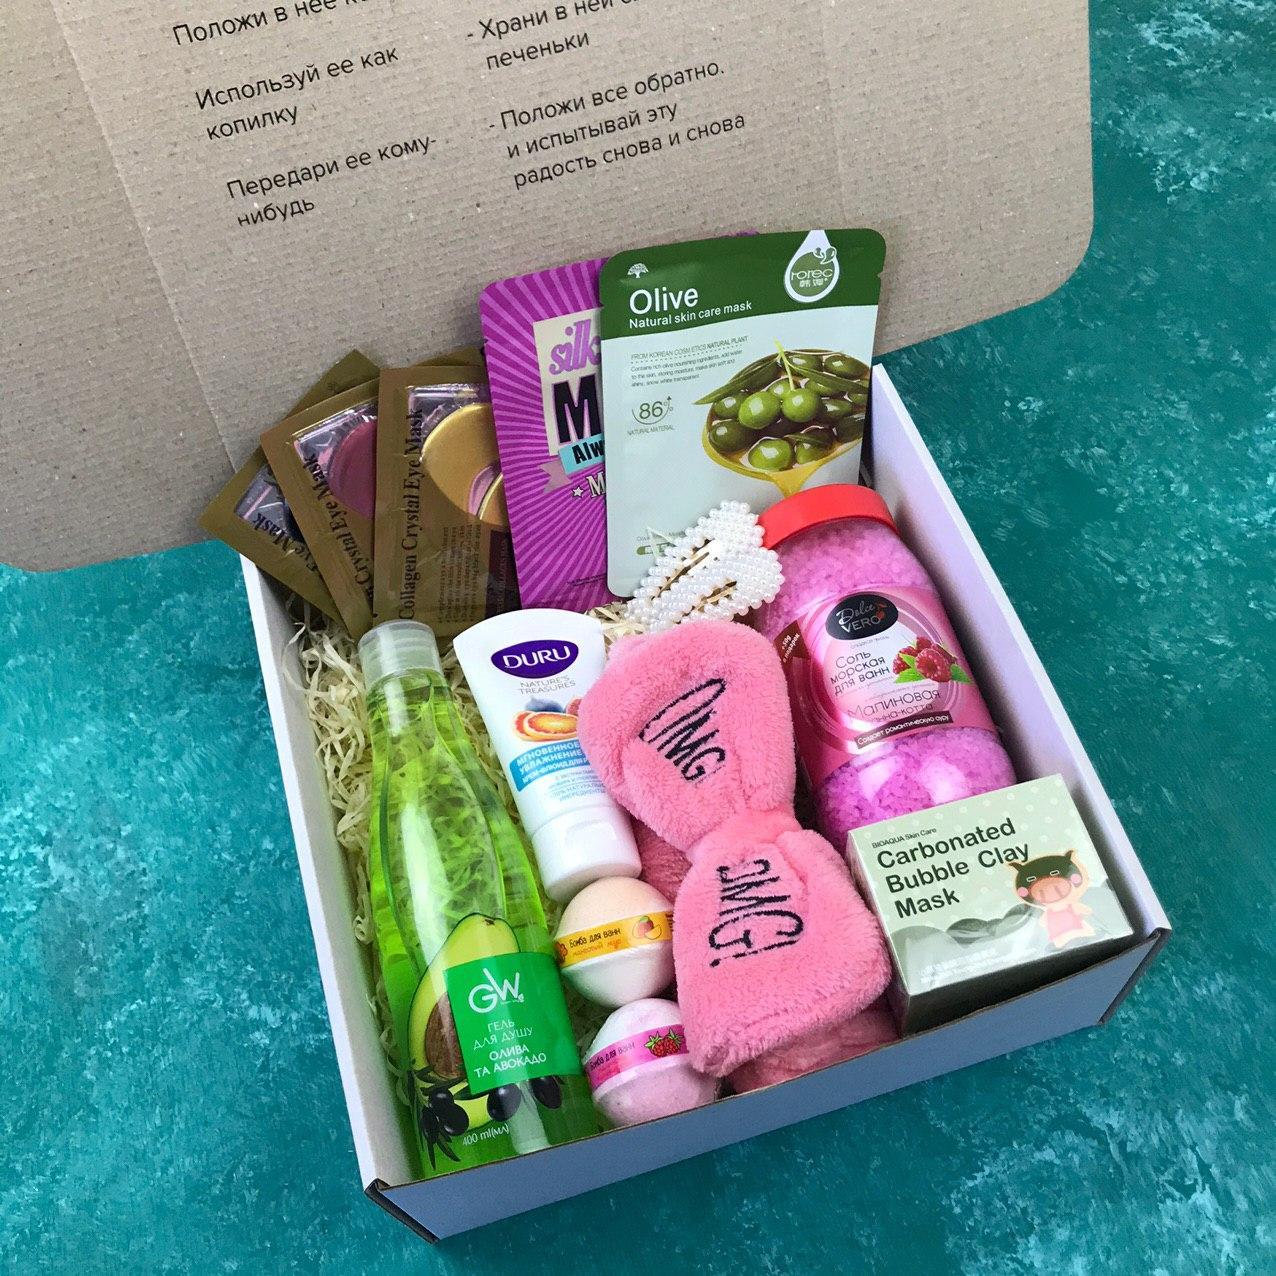 Подарочный Набор City-A Box Бокс для Женщины Бьюти Beauty Box из 14 ед №2891